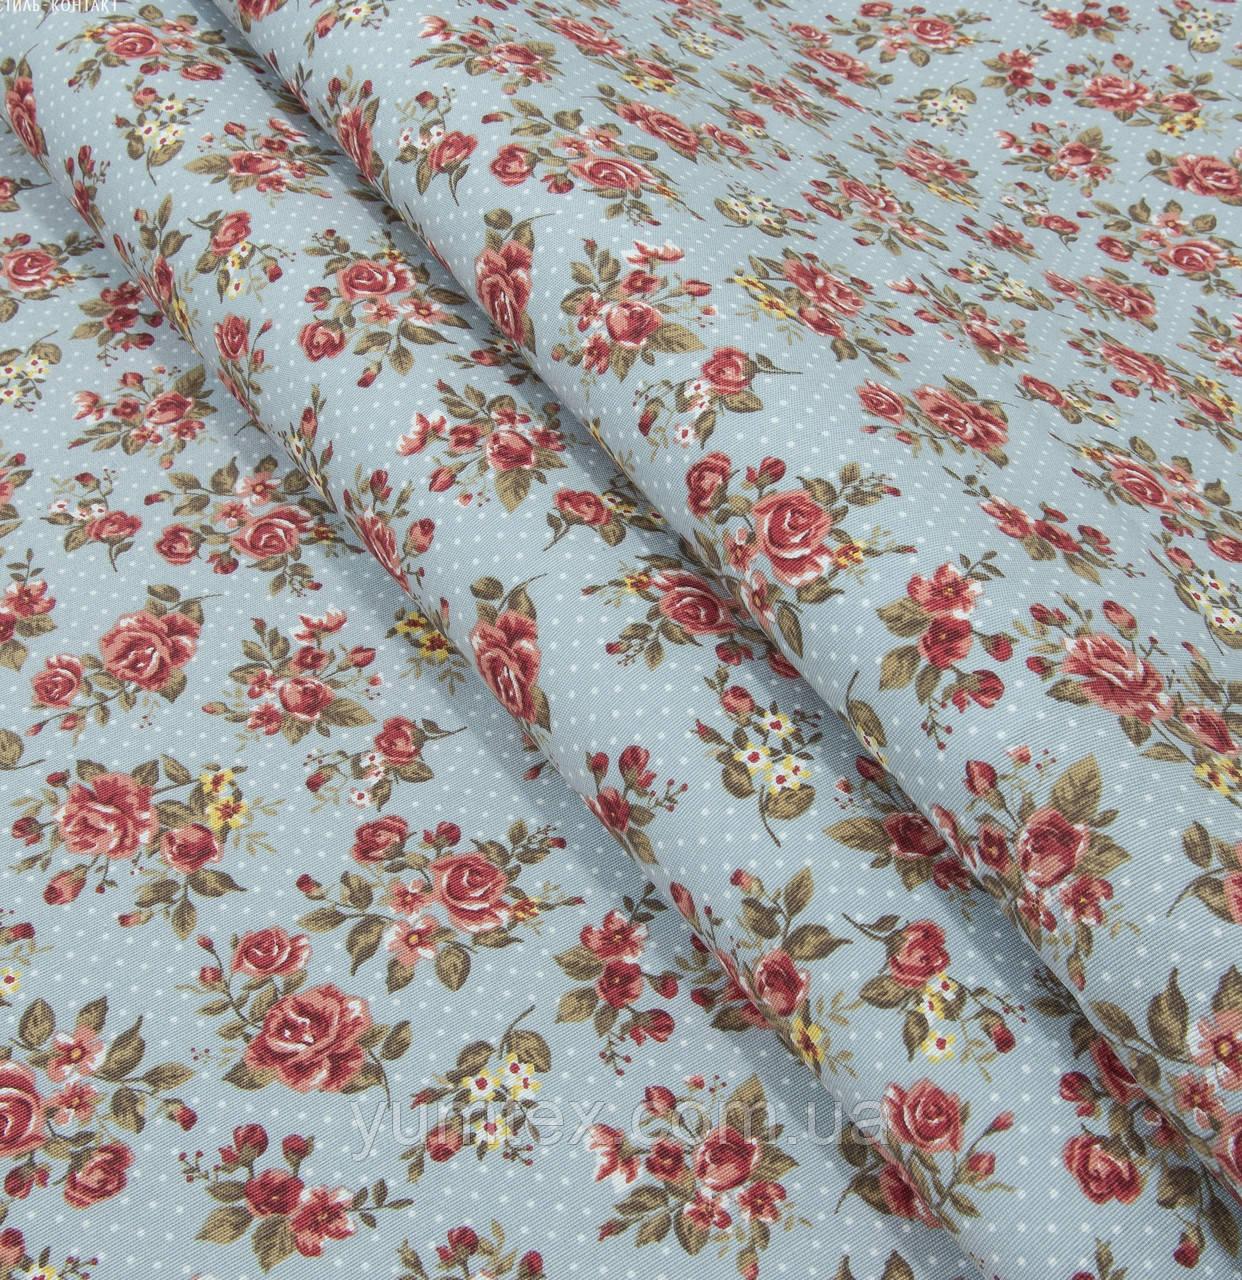 Ткань в стиле прованс мелкая роза, фон светлая бирюза в горошек